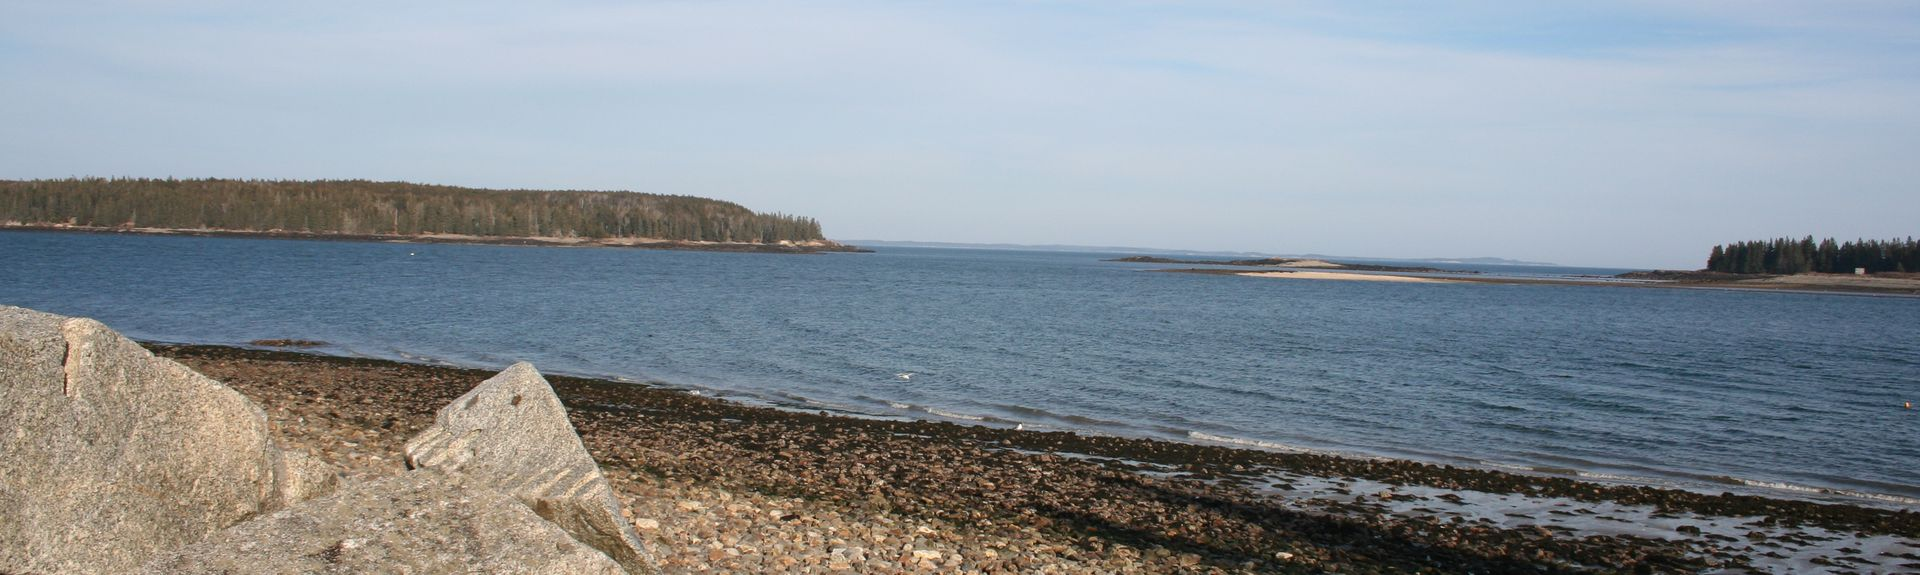 Vinalhaven, Maine, Verenigde Staten